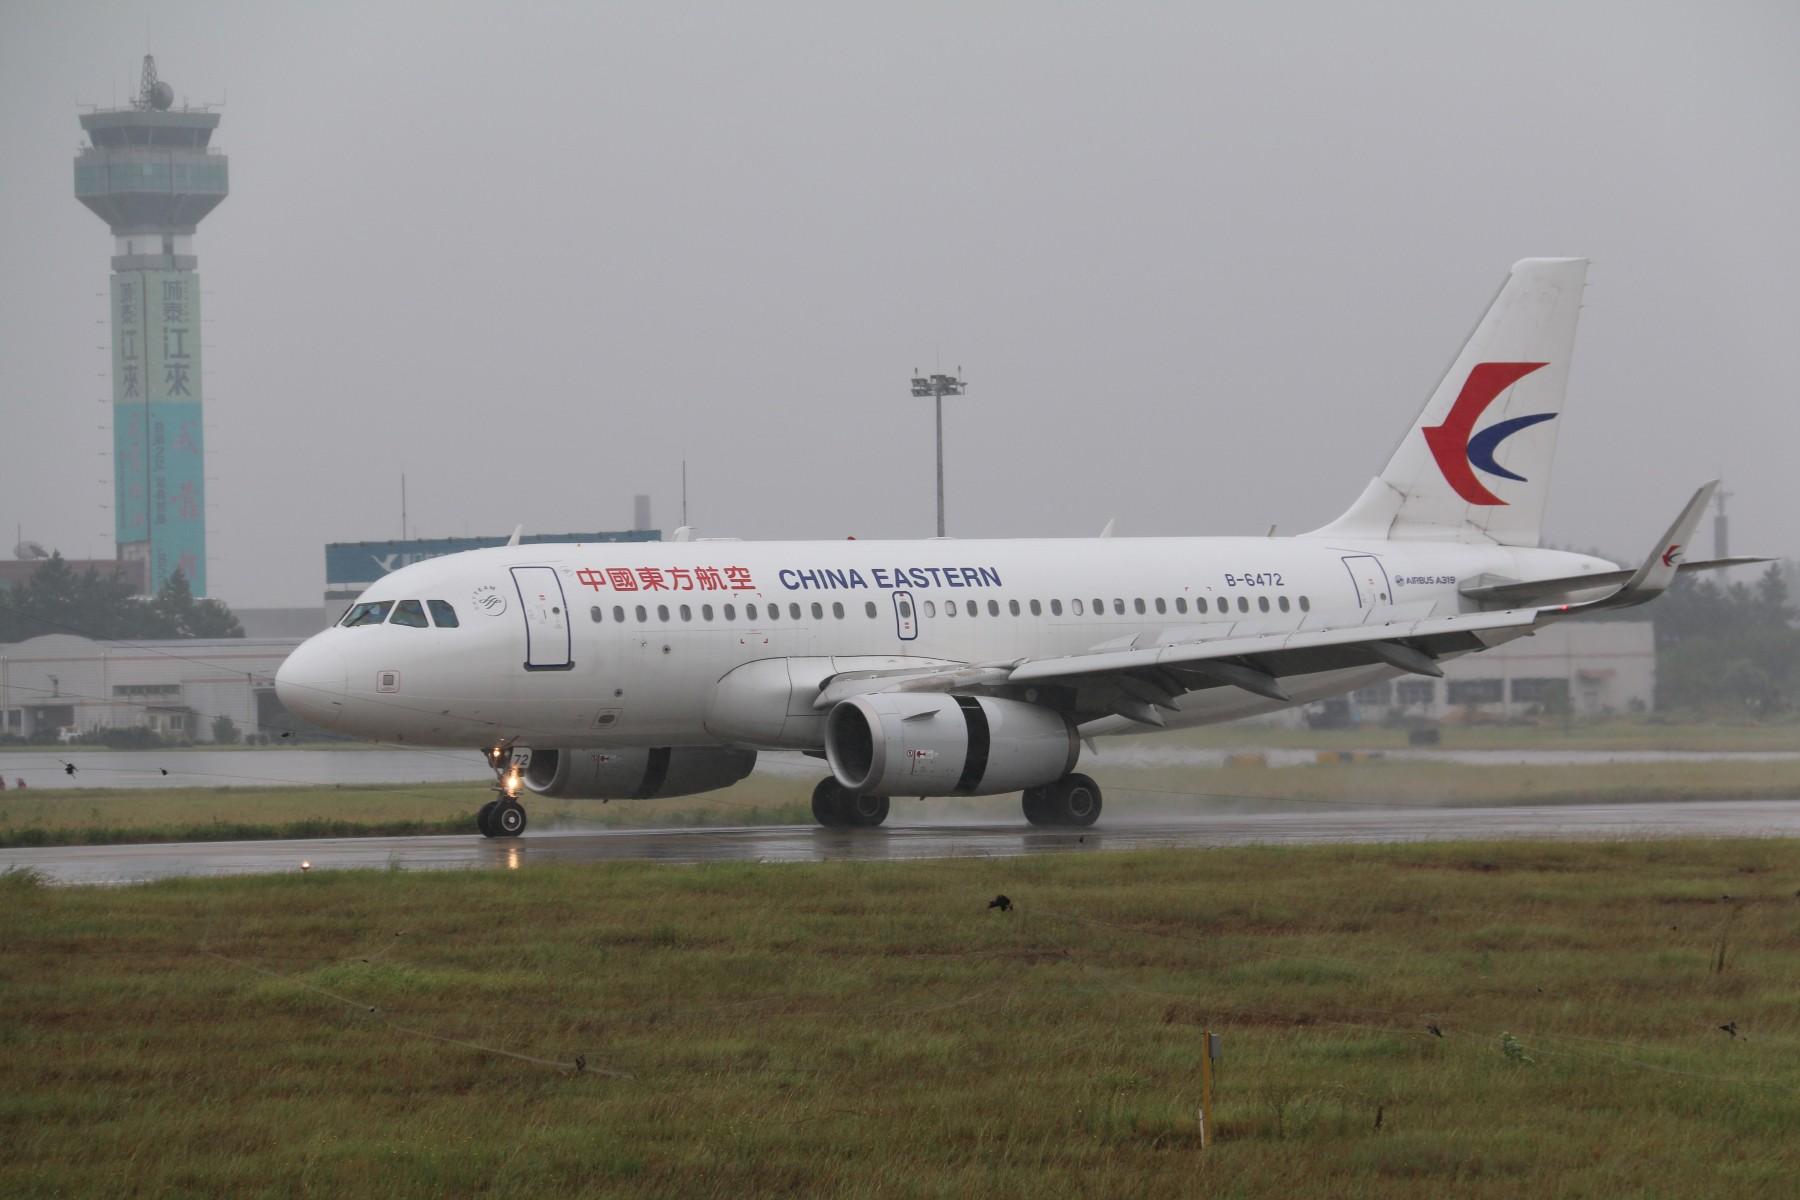 Re:[原创]【南昌飞友会】【1800*1200】暴雨大风中的KHN [17pic] AIRBUS A319-100 B-6472 中国南昌昌北国际机场